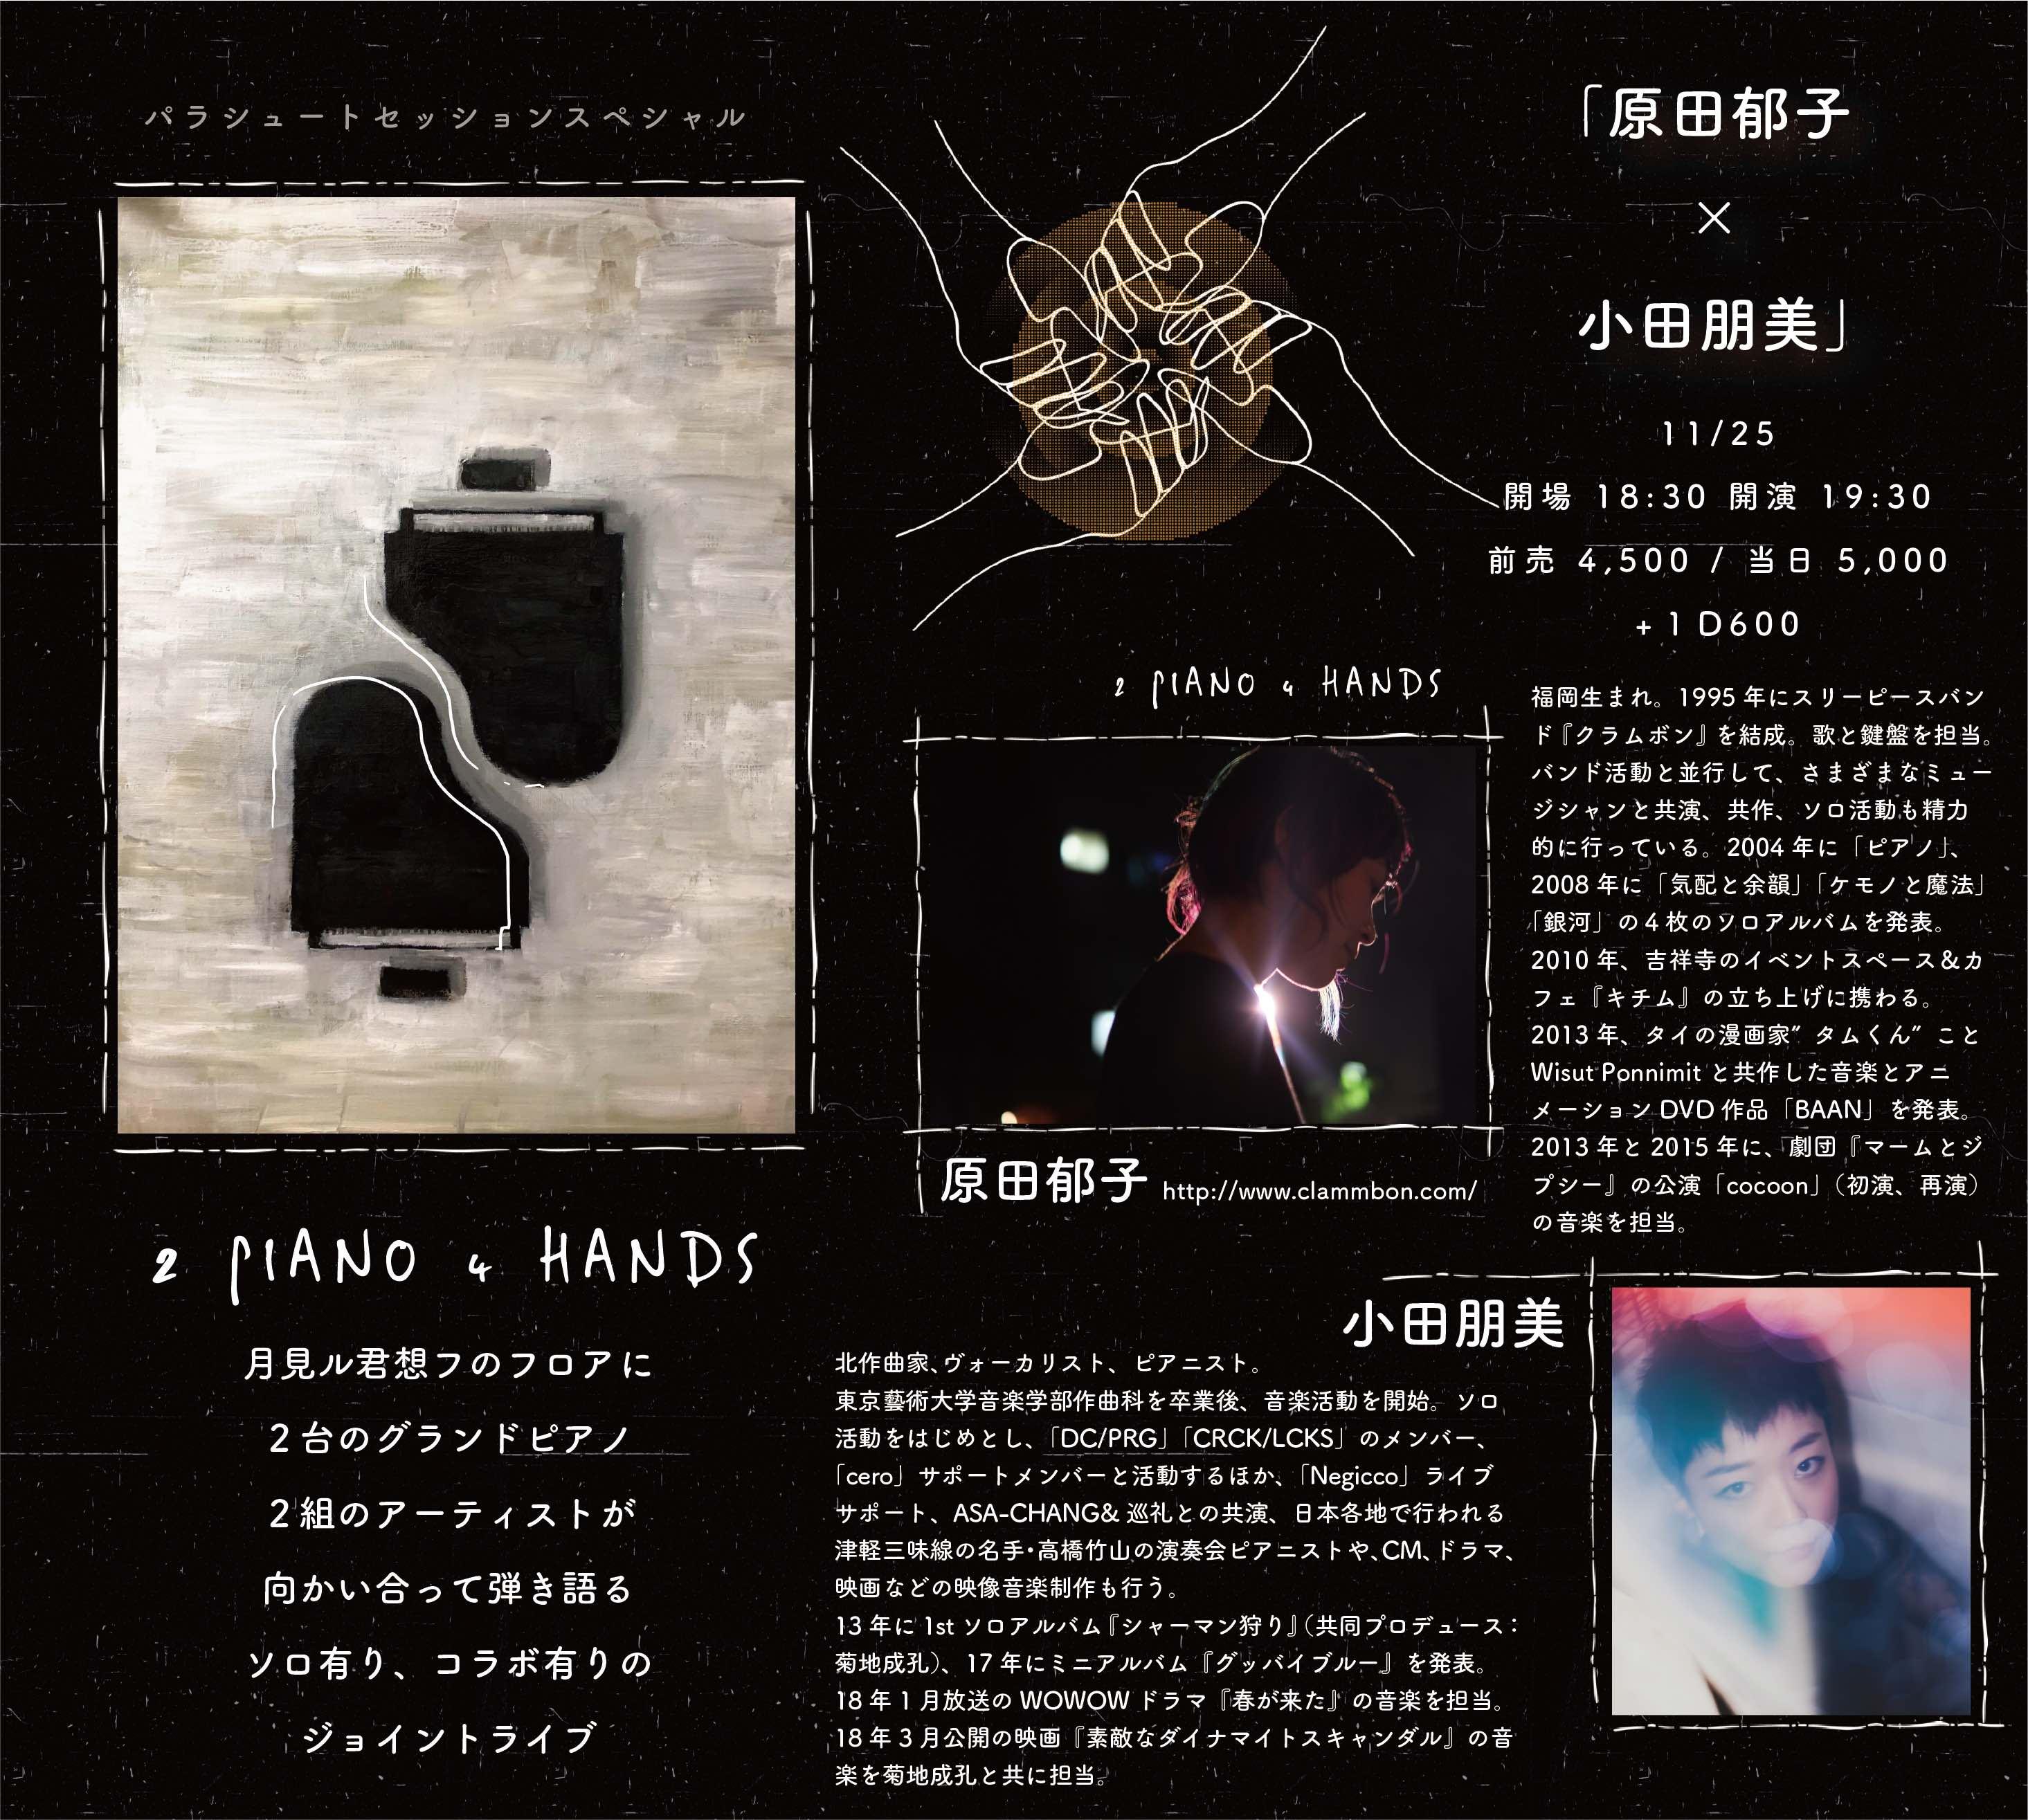 2 PIANO 4 HANDS 原田郁子 x 小田朋美